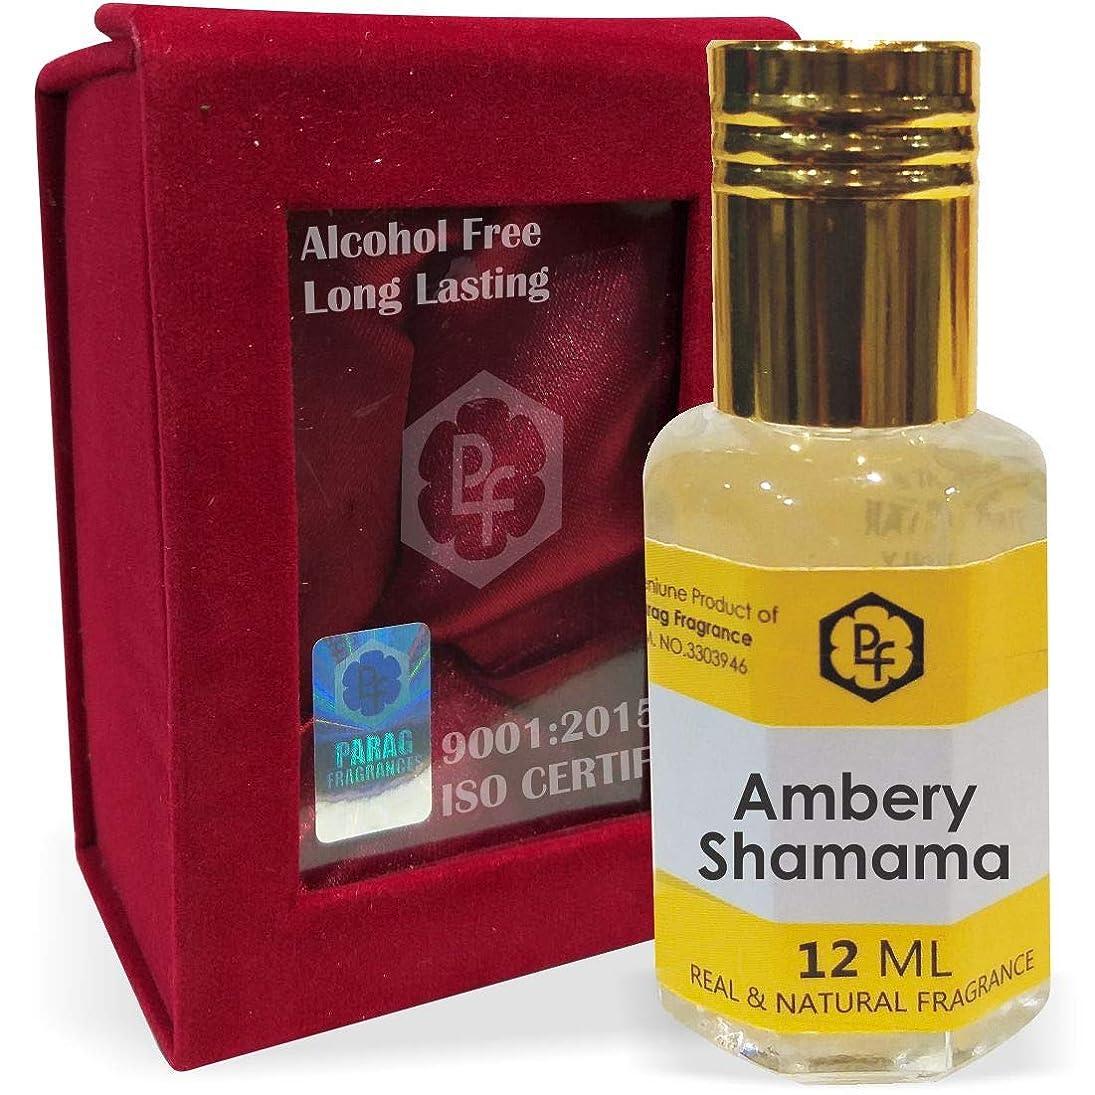 不変キャラバンエジプト人手作りのベルベットボックスParagフレグランス(インドの伝統的なインドのBhapkaプロセス方法製)Ambery Shamama 12ミリリットルアター/香油/フレグランスオイル|長持ちアターITRA最高の品質